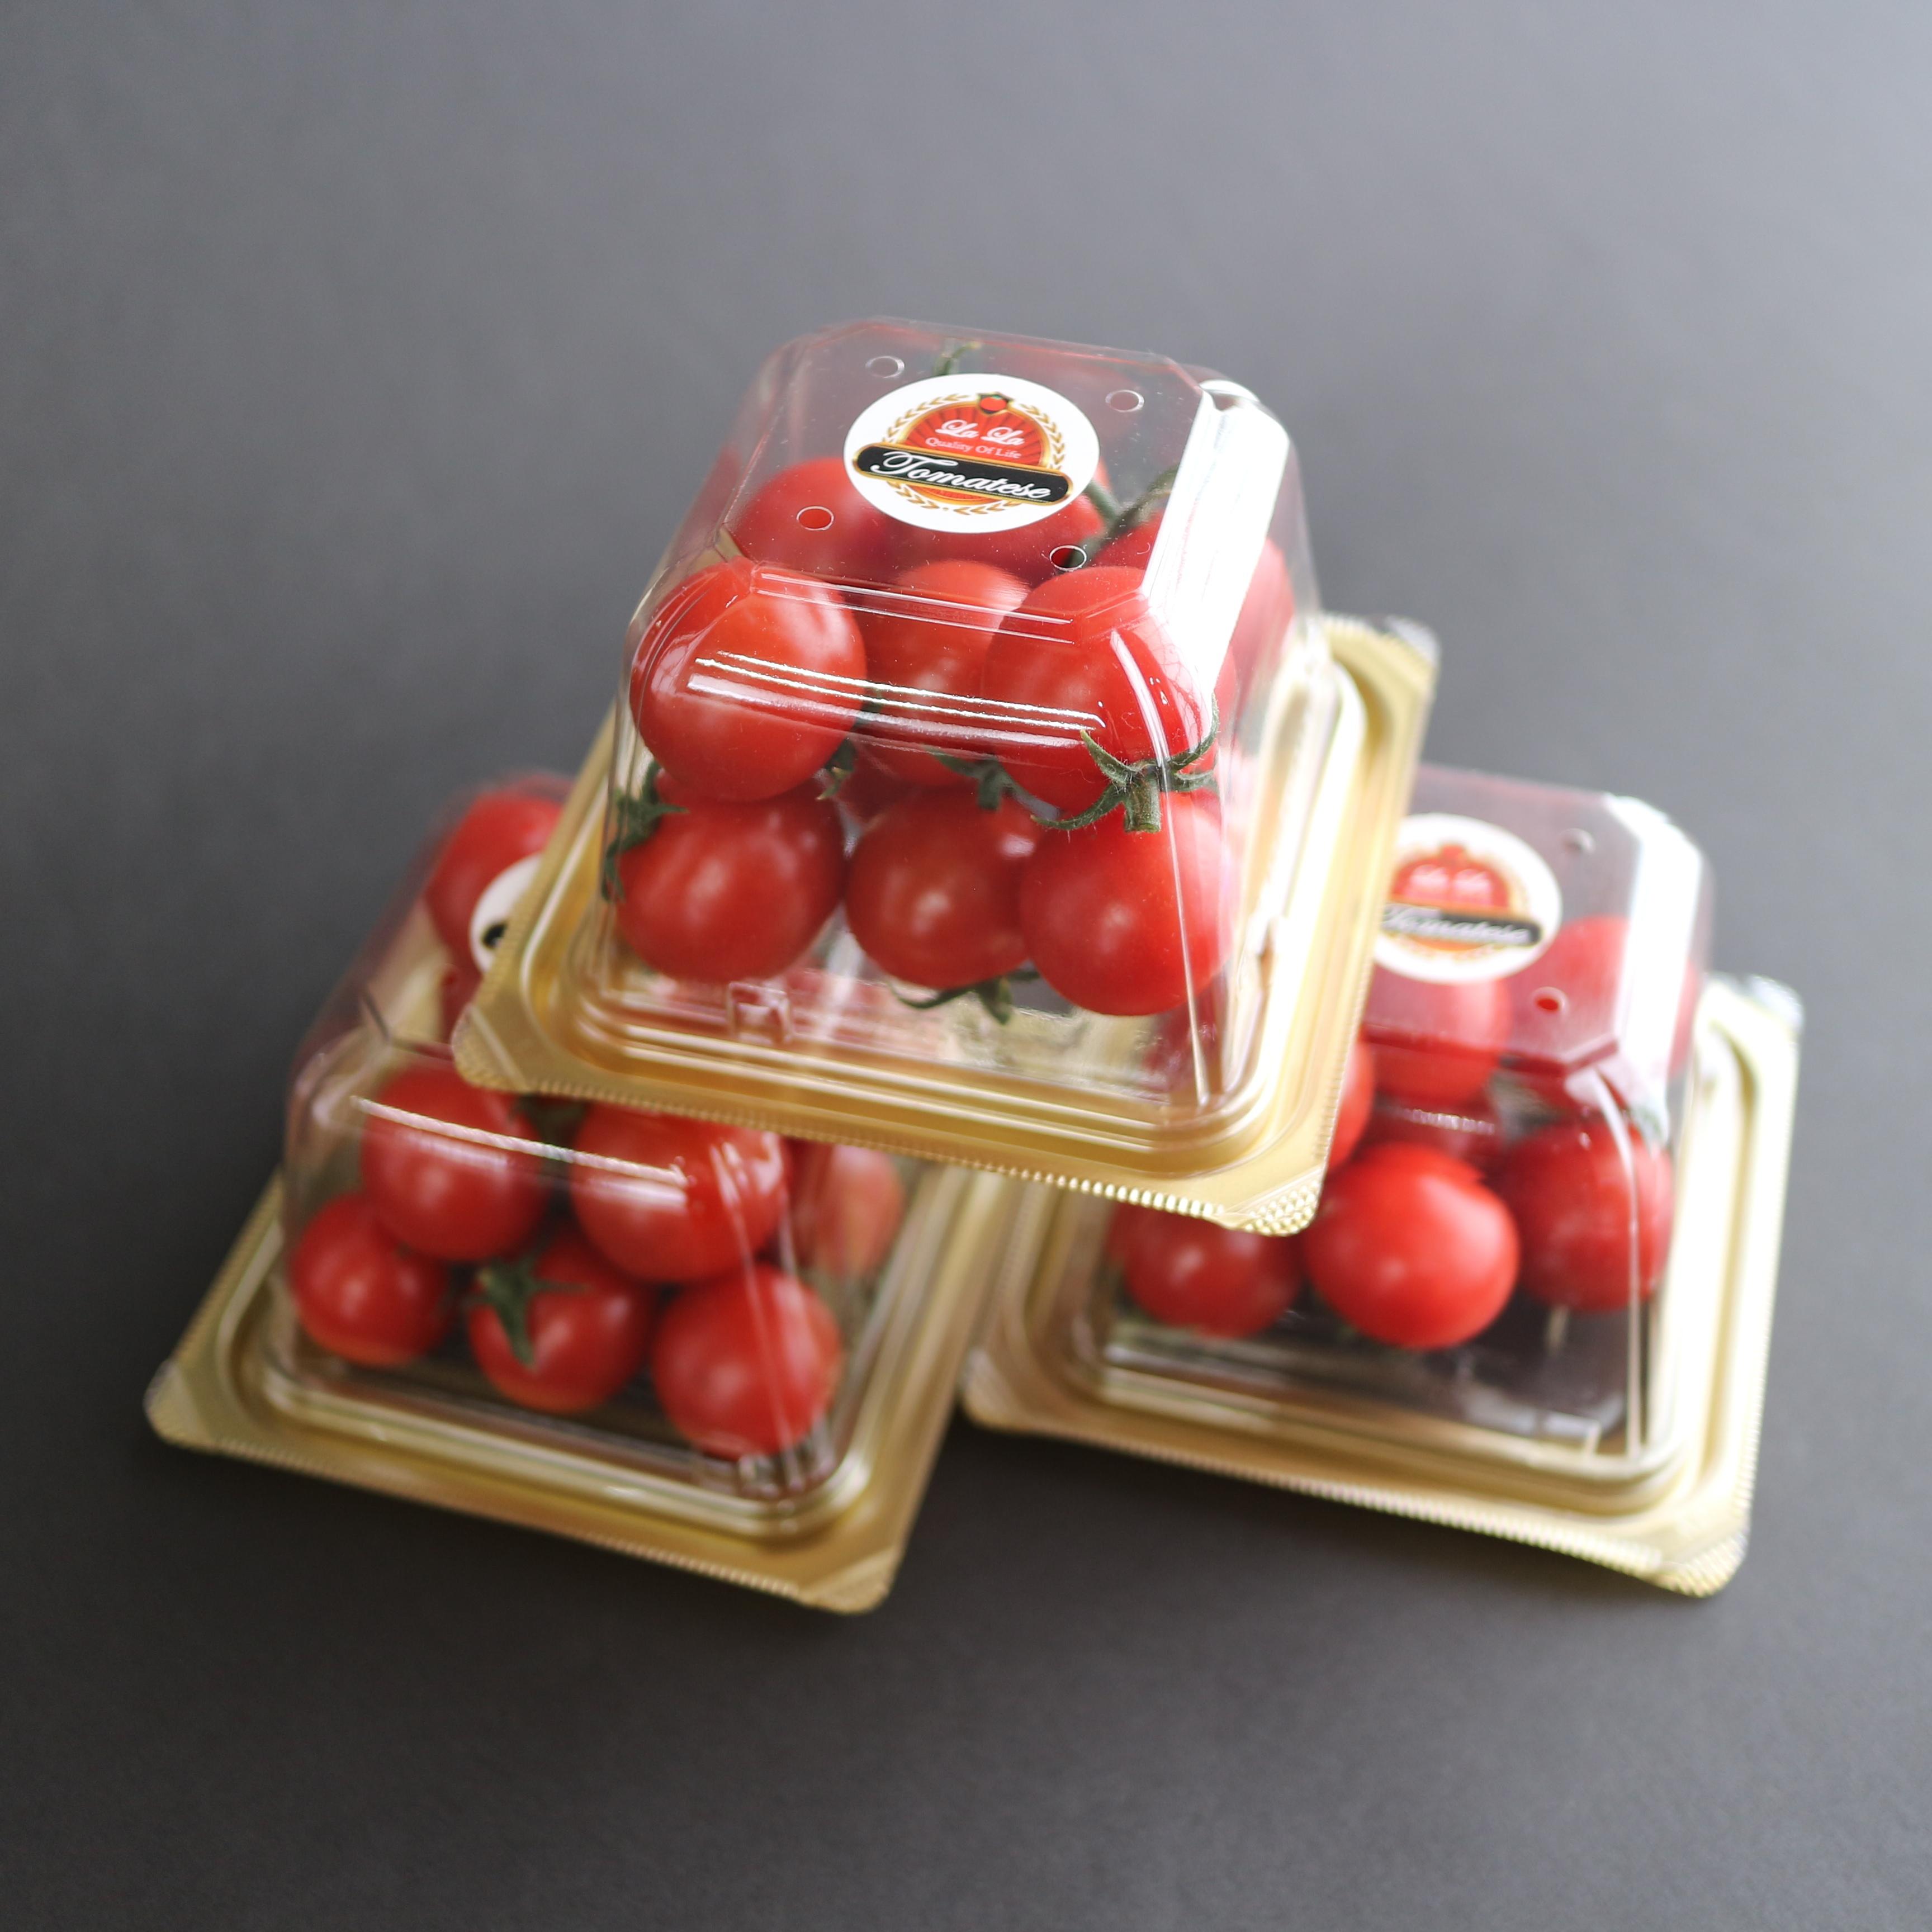 【送料無料】ララ・トマテーゼ フルーツトマト ギフトパック150g × 3個セット